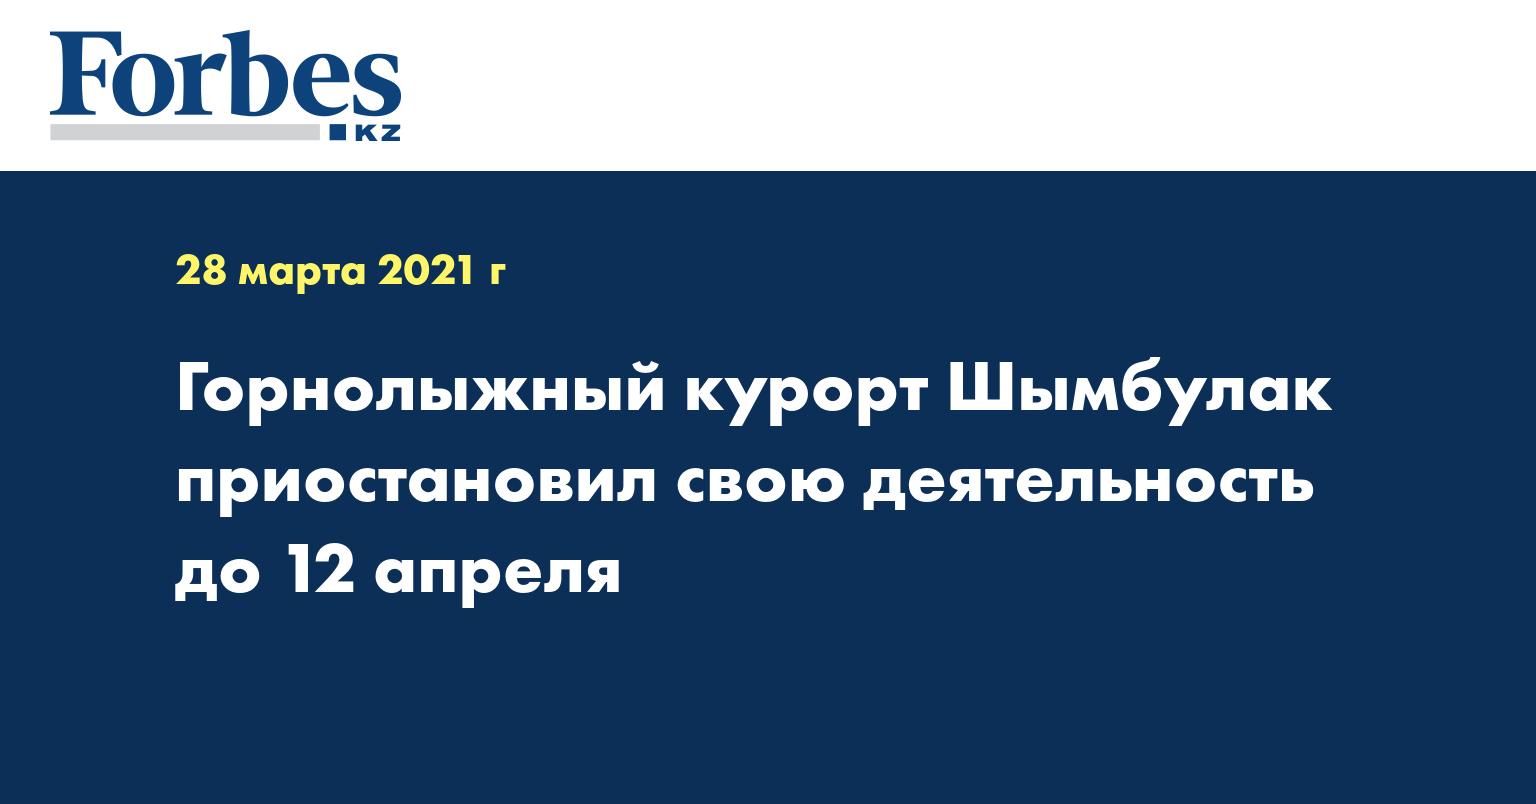 Горнолыжный курорт Шымбулак приостановил свою деятельность до 12 апреля